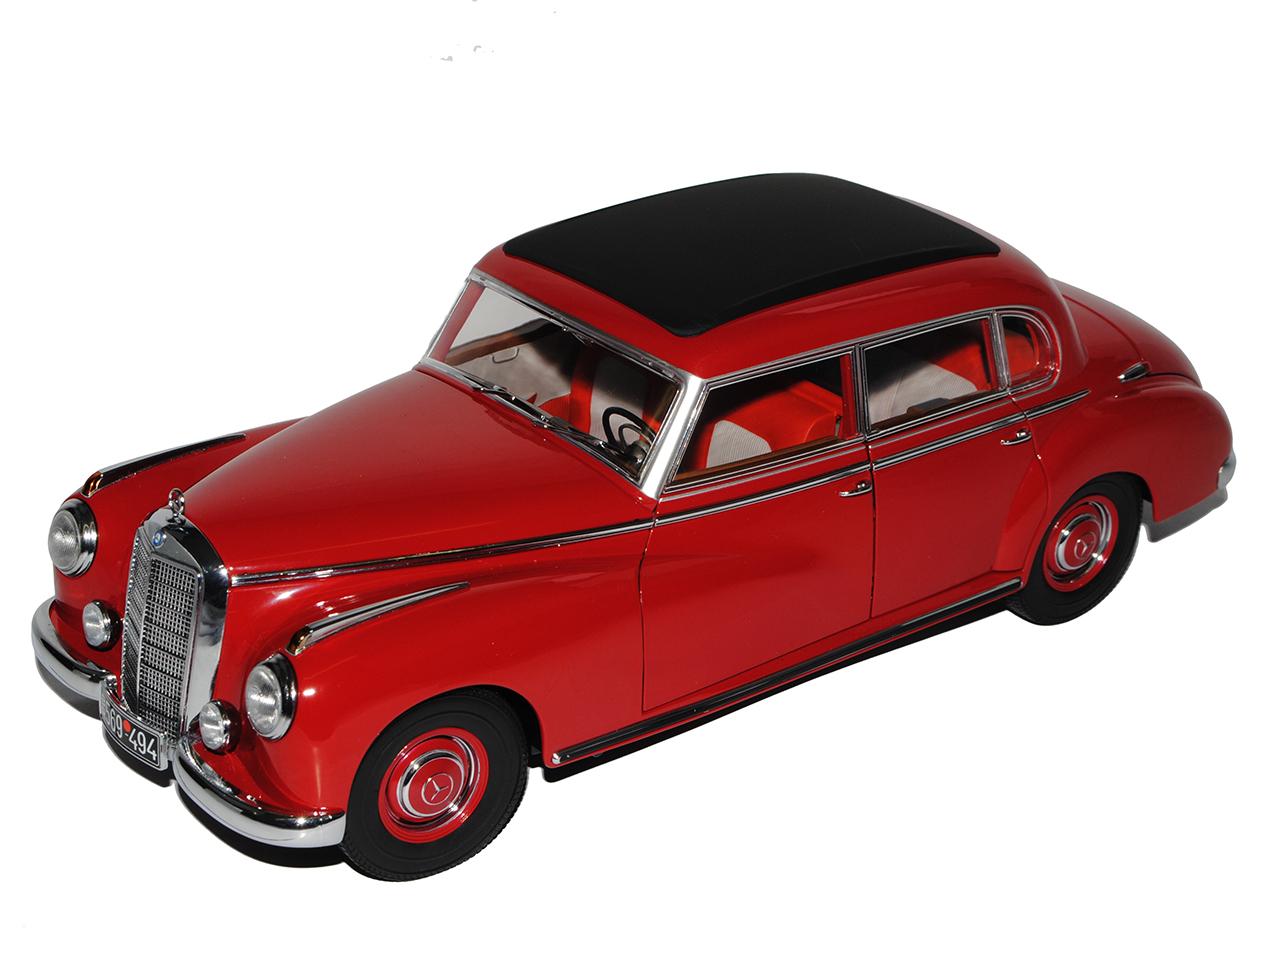 MERCEDES-BENZ 300 w186 ROSSO Adenauer BERLINA 1951-1957 1/18 NOREV modello modello modello auto  75177b